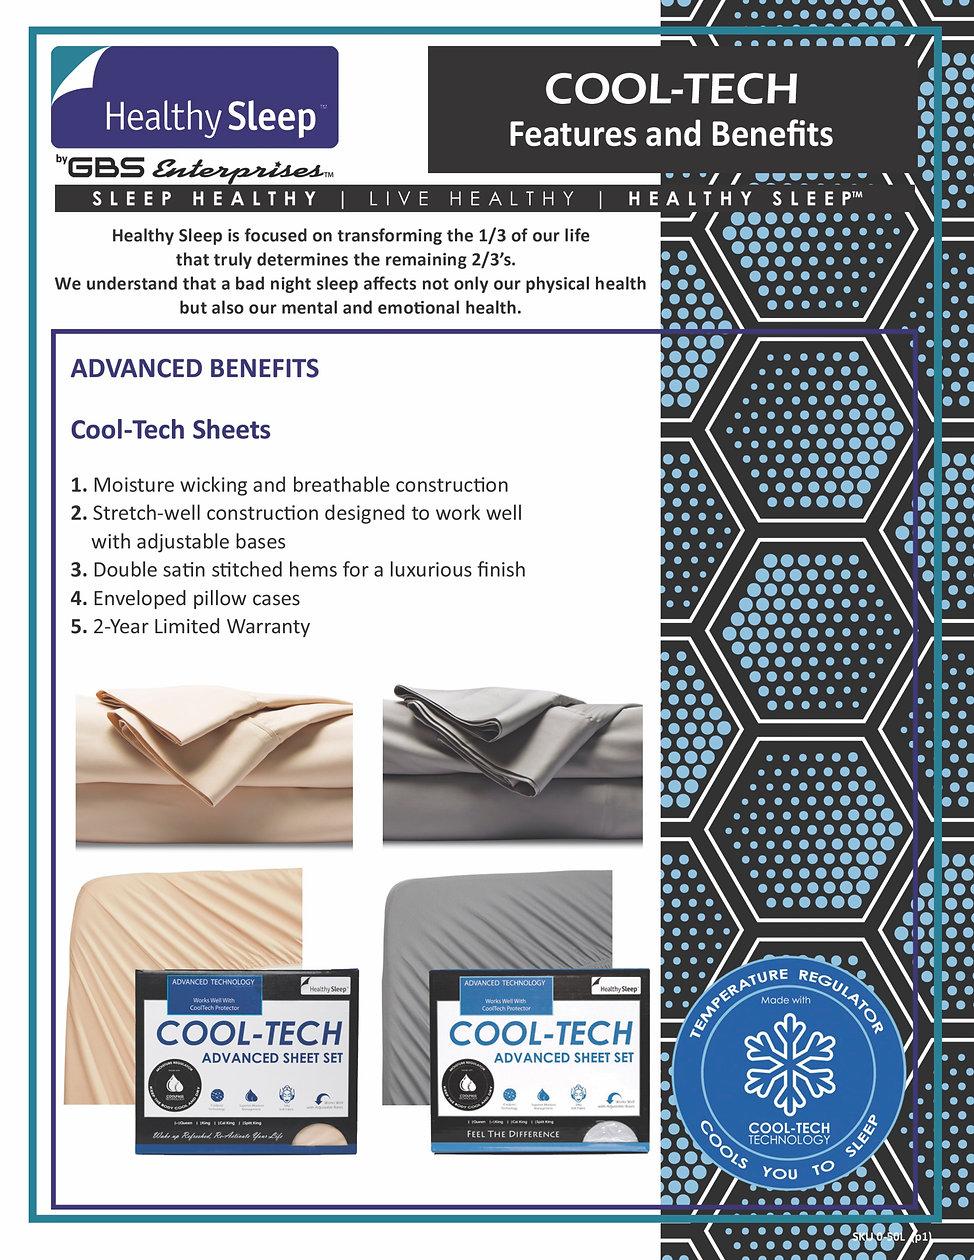 CoolTech-Sheet Set FAB ref sheet-flat.jp